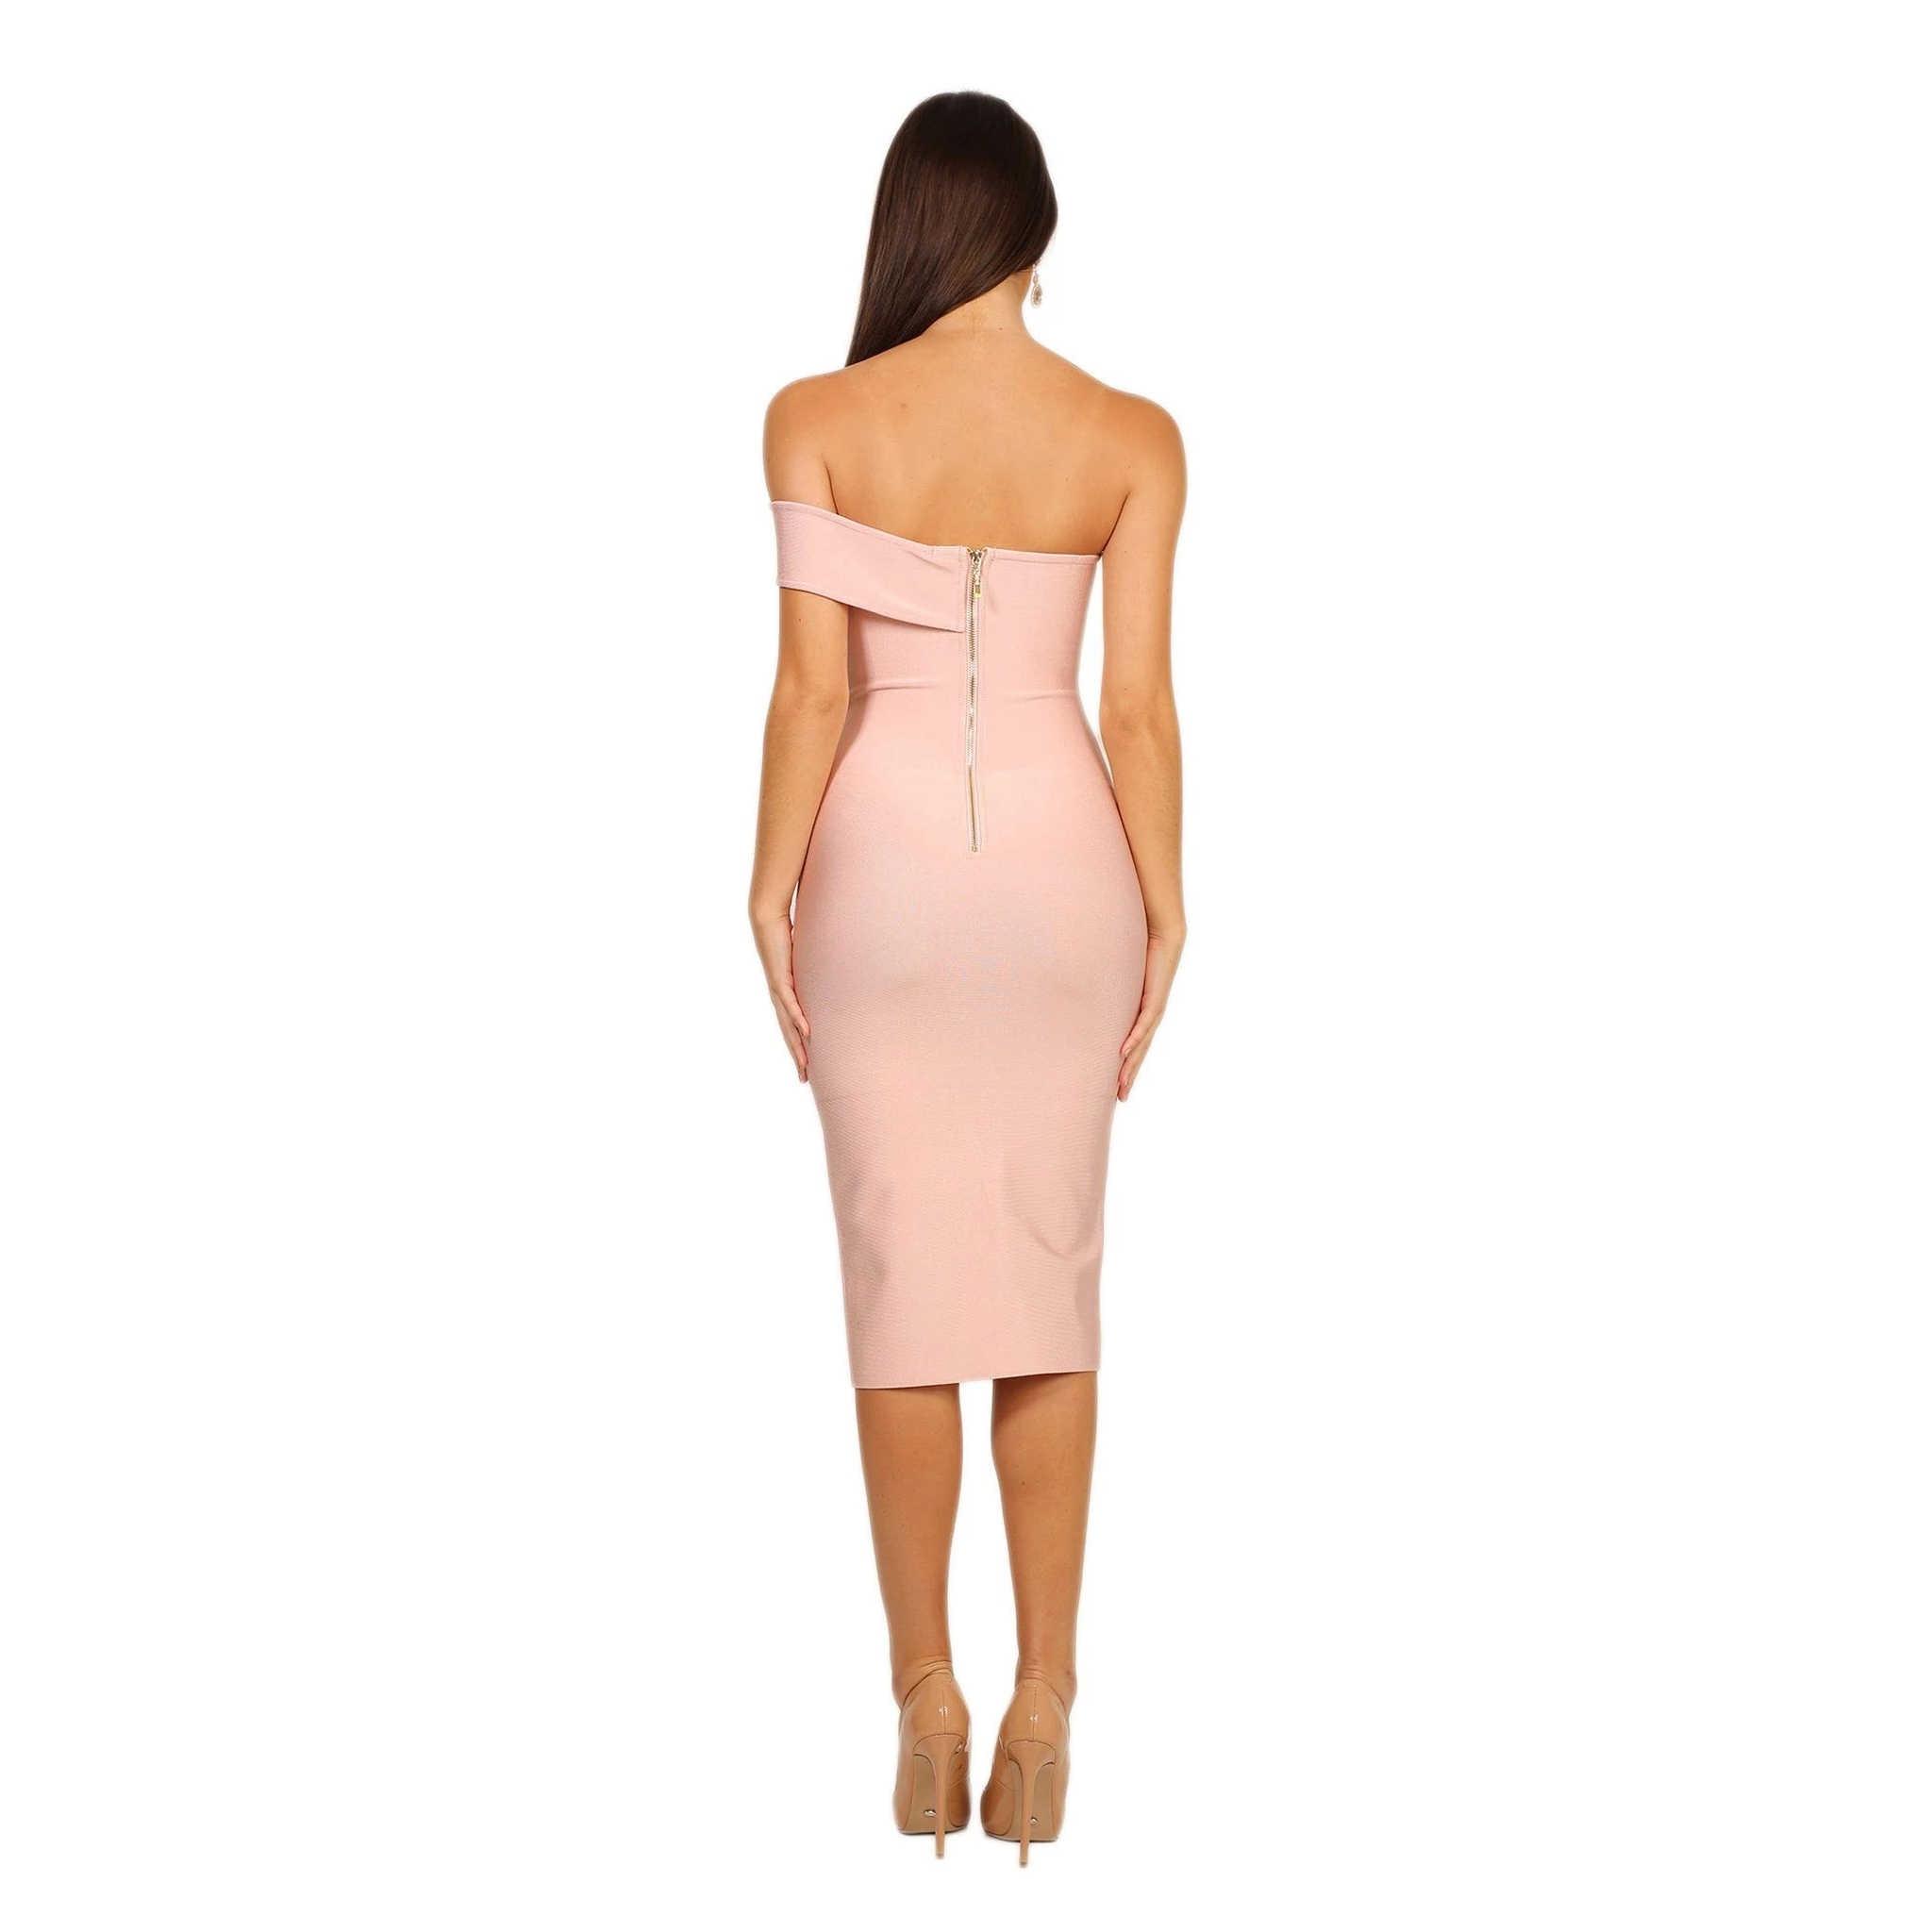 LEGER BABE/розовое Бандажное платье для женщин, обтягивающее летнее платье на одно плечо, вечернее платье с разрезом, бесплатная доставка